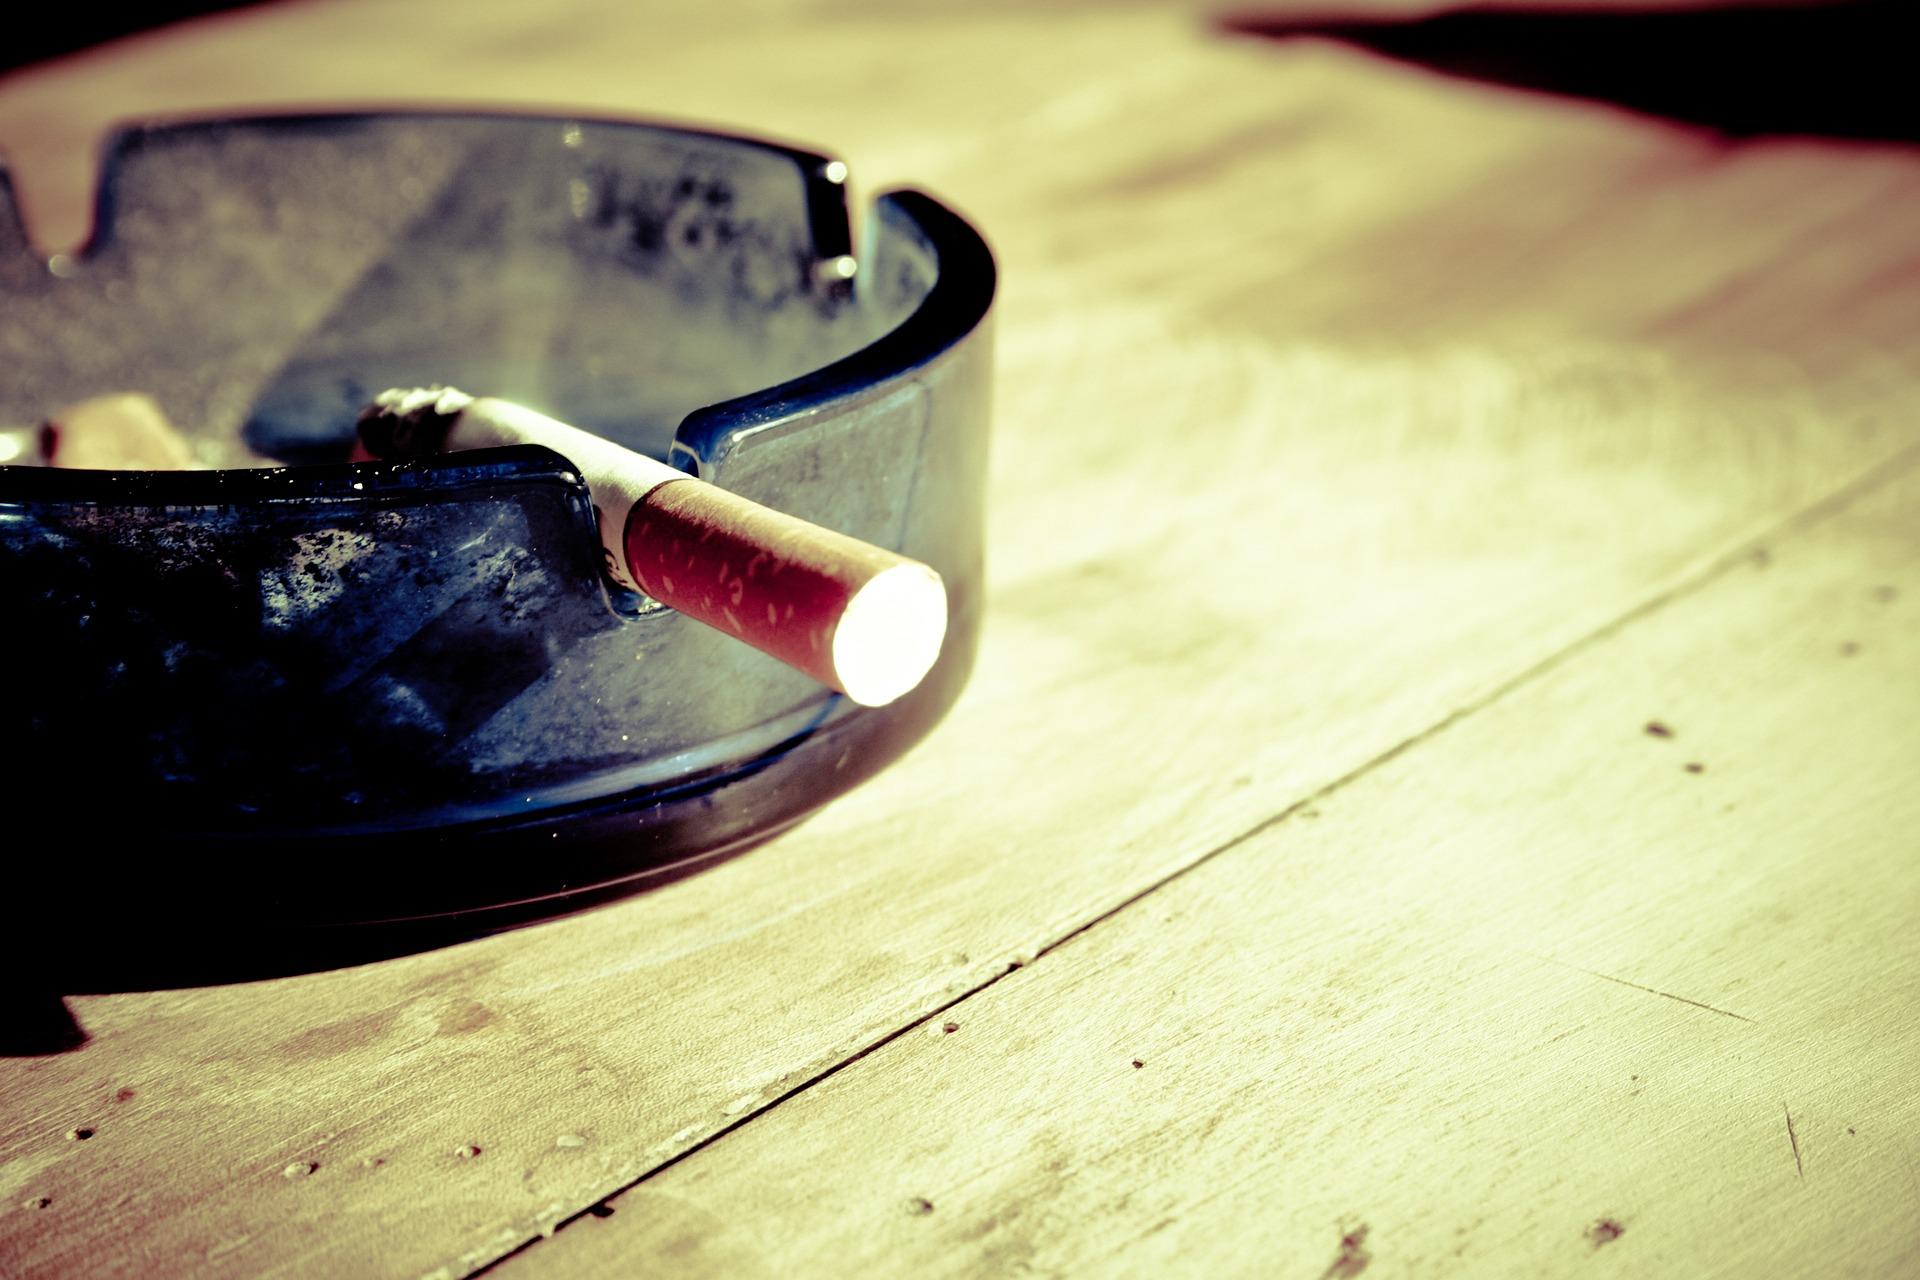 Palenie zwiększa ryzyko poważnych objawów COVID-19 i hospitalizacji